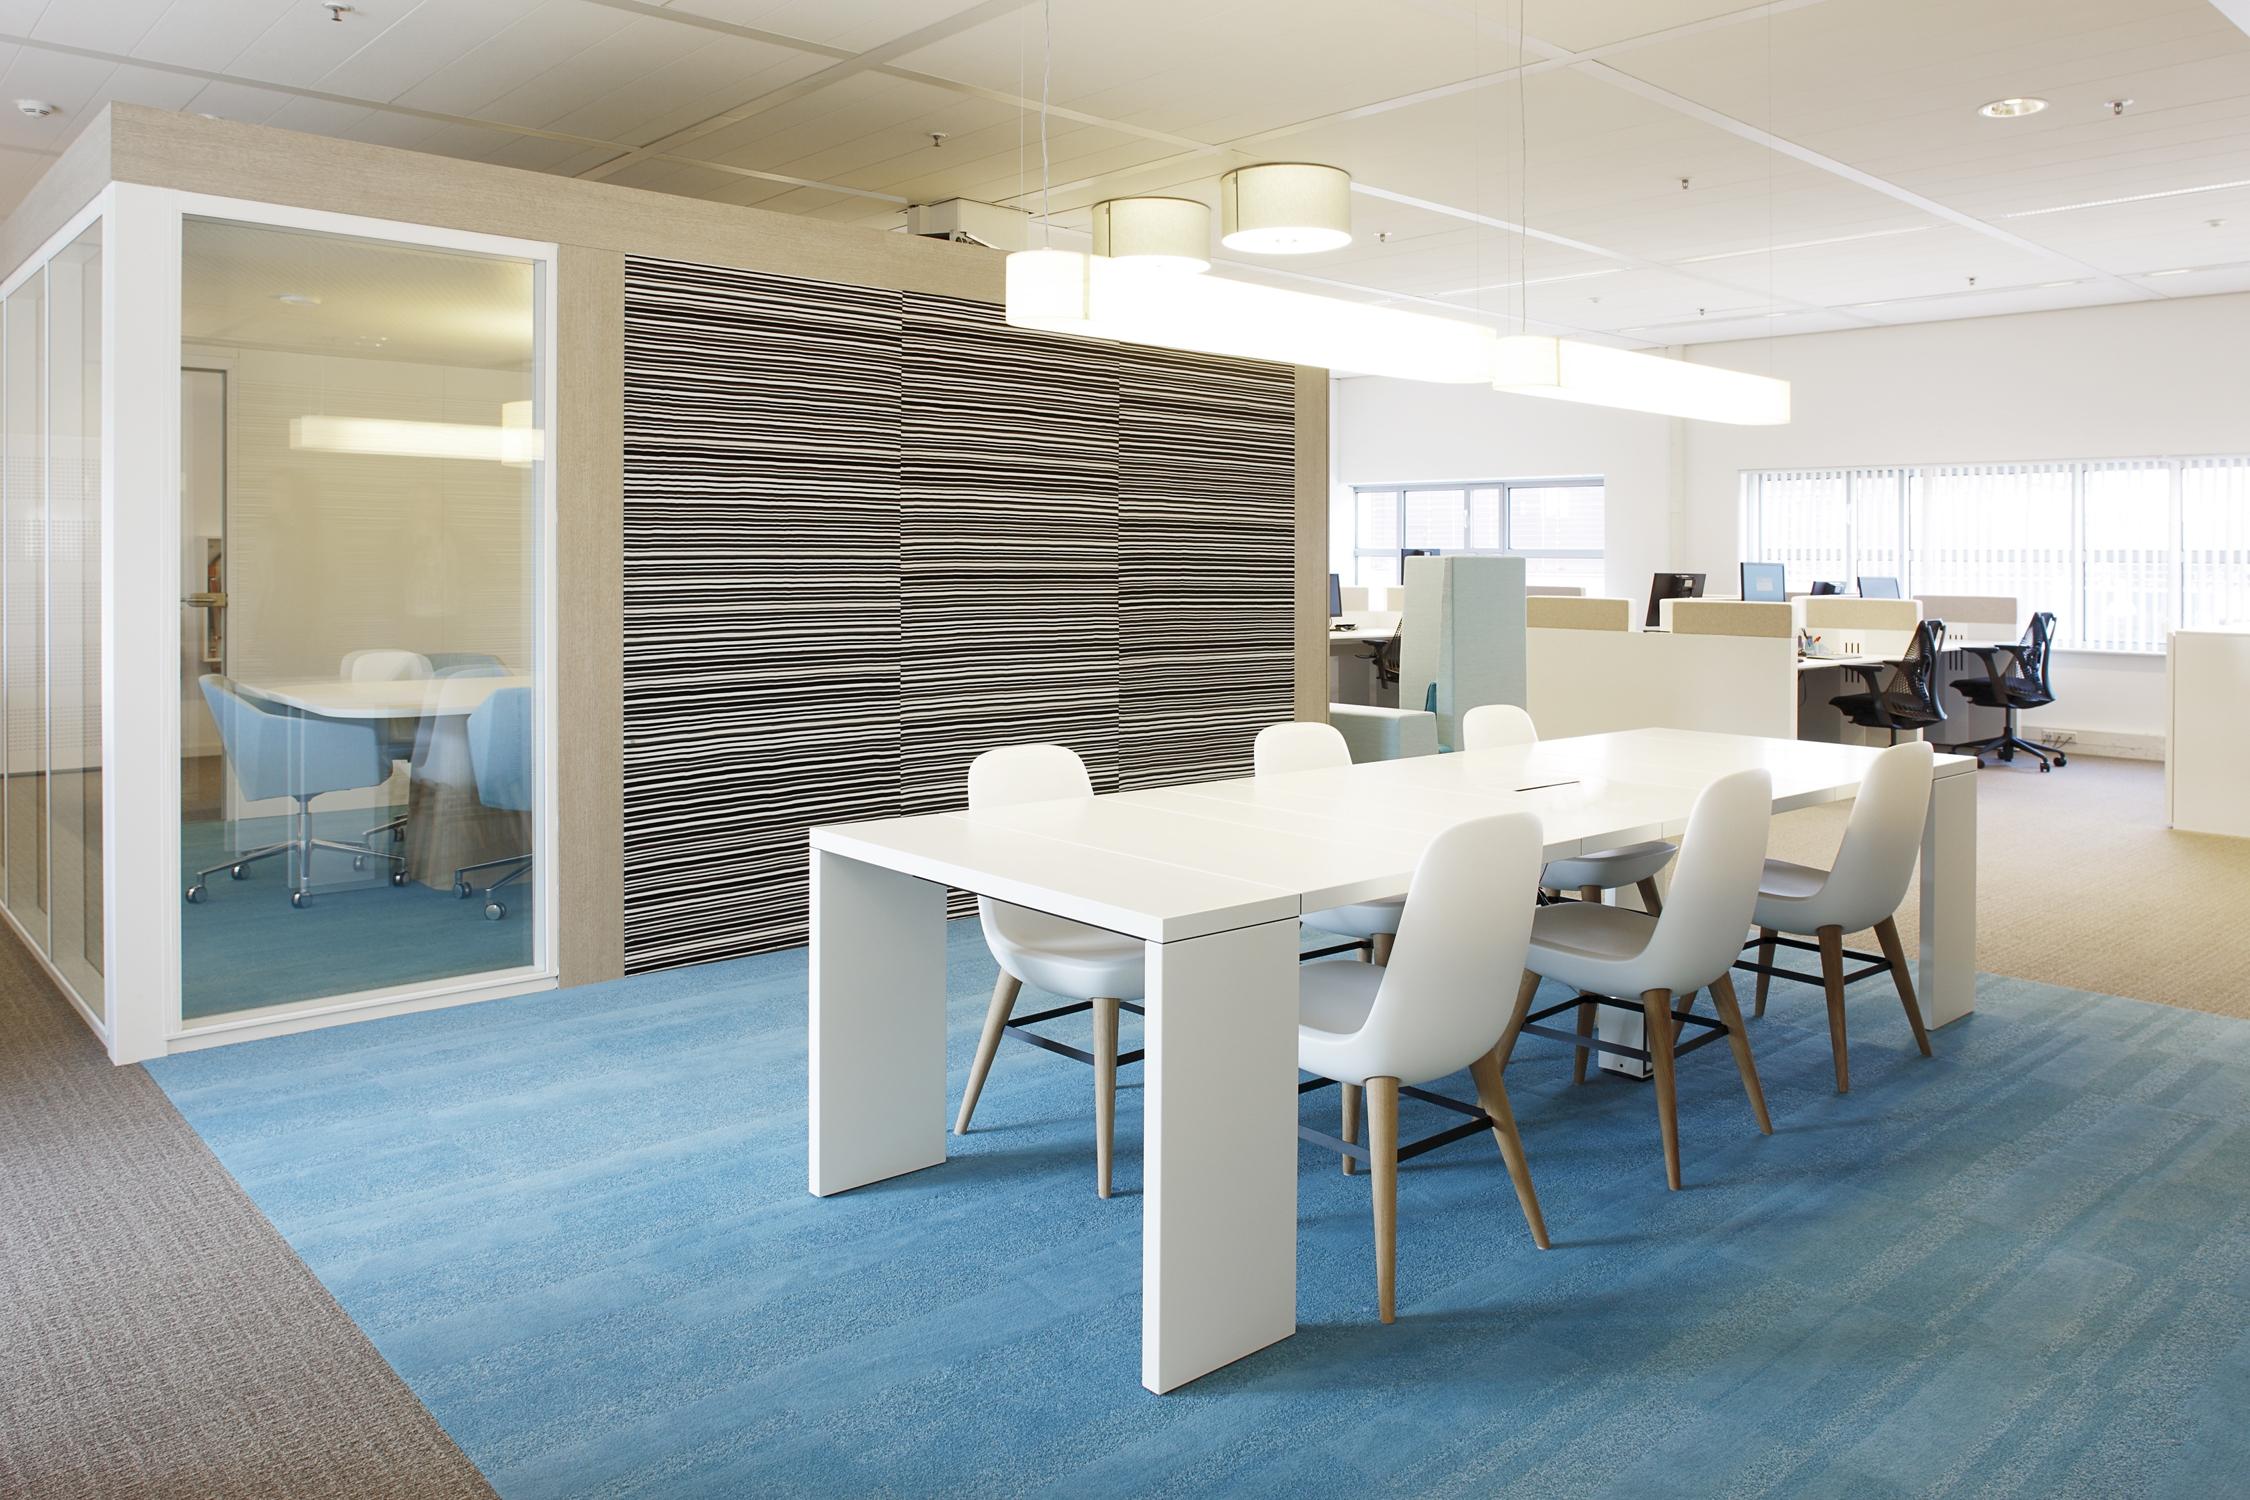 Belastingdienst Kantoor Rotterdam : Douane bij de belastingdienst werken werken bij de